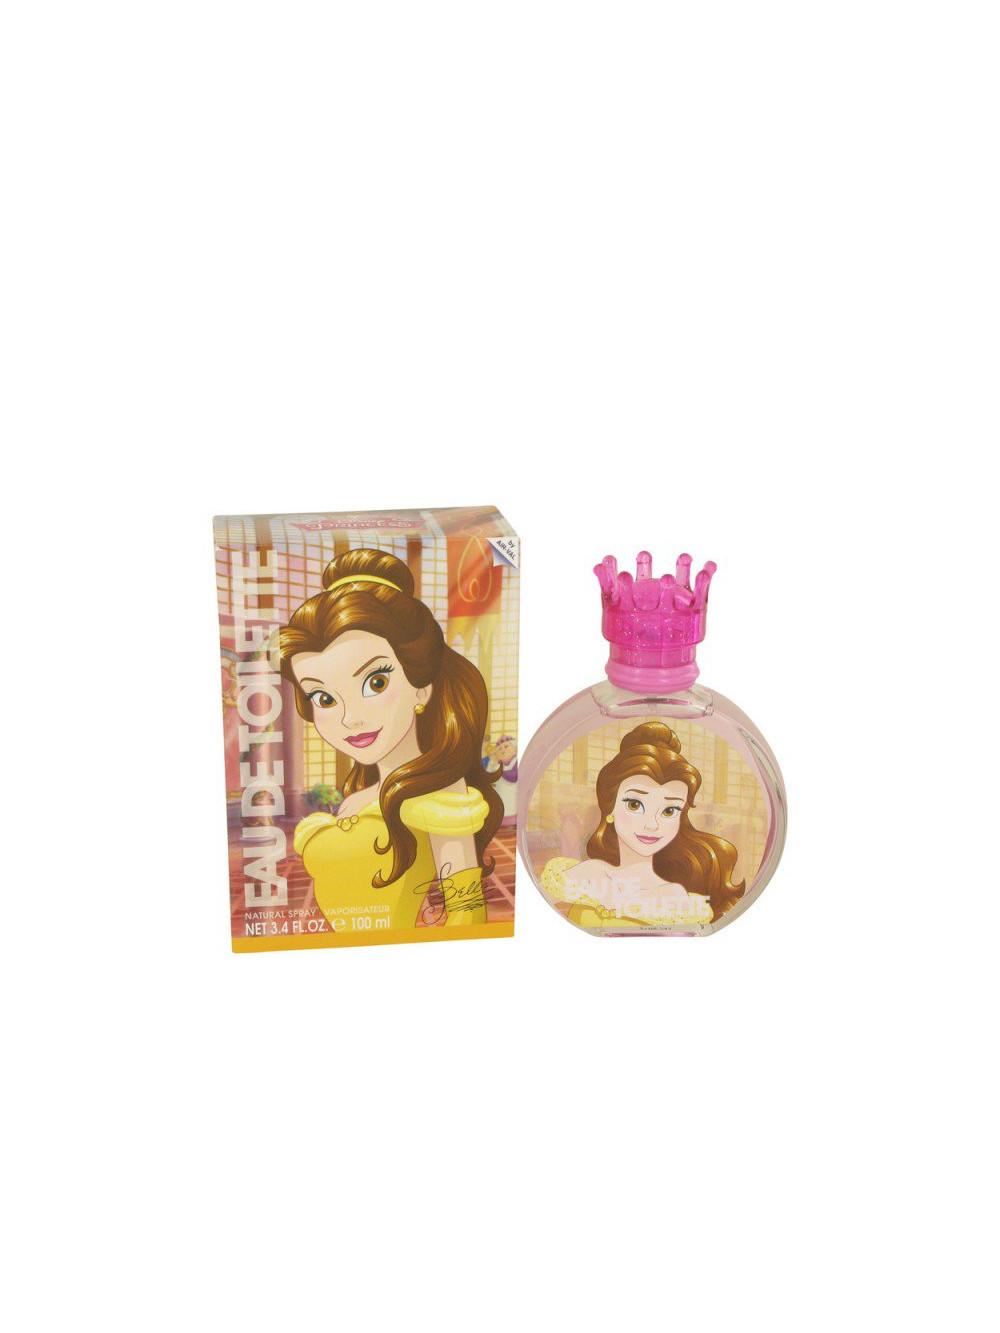 100ml Toilette Princesse Disney De Belle By Eau E29IDH